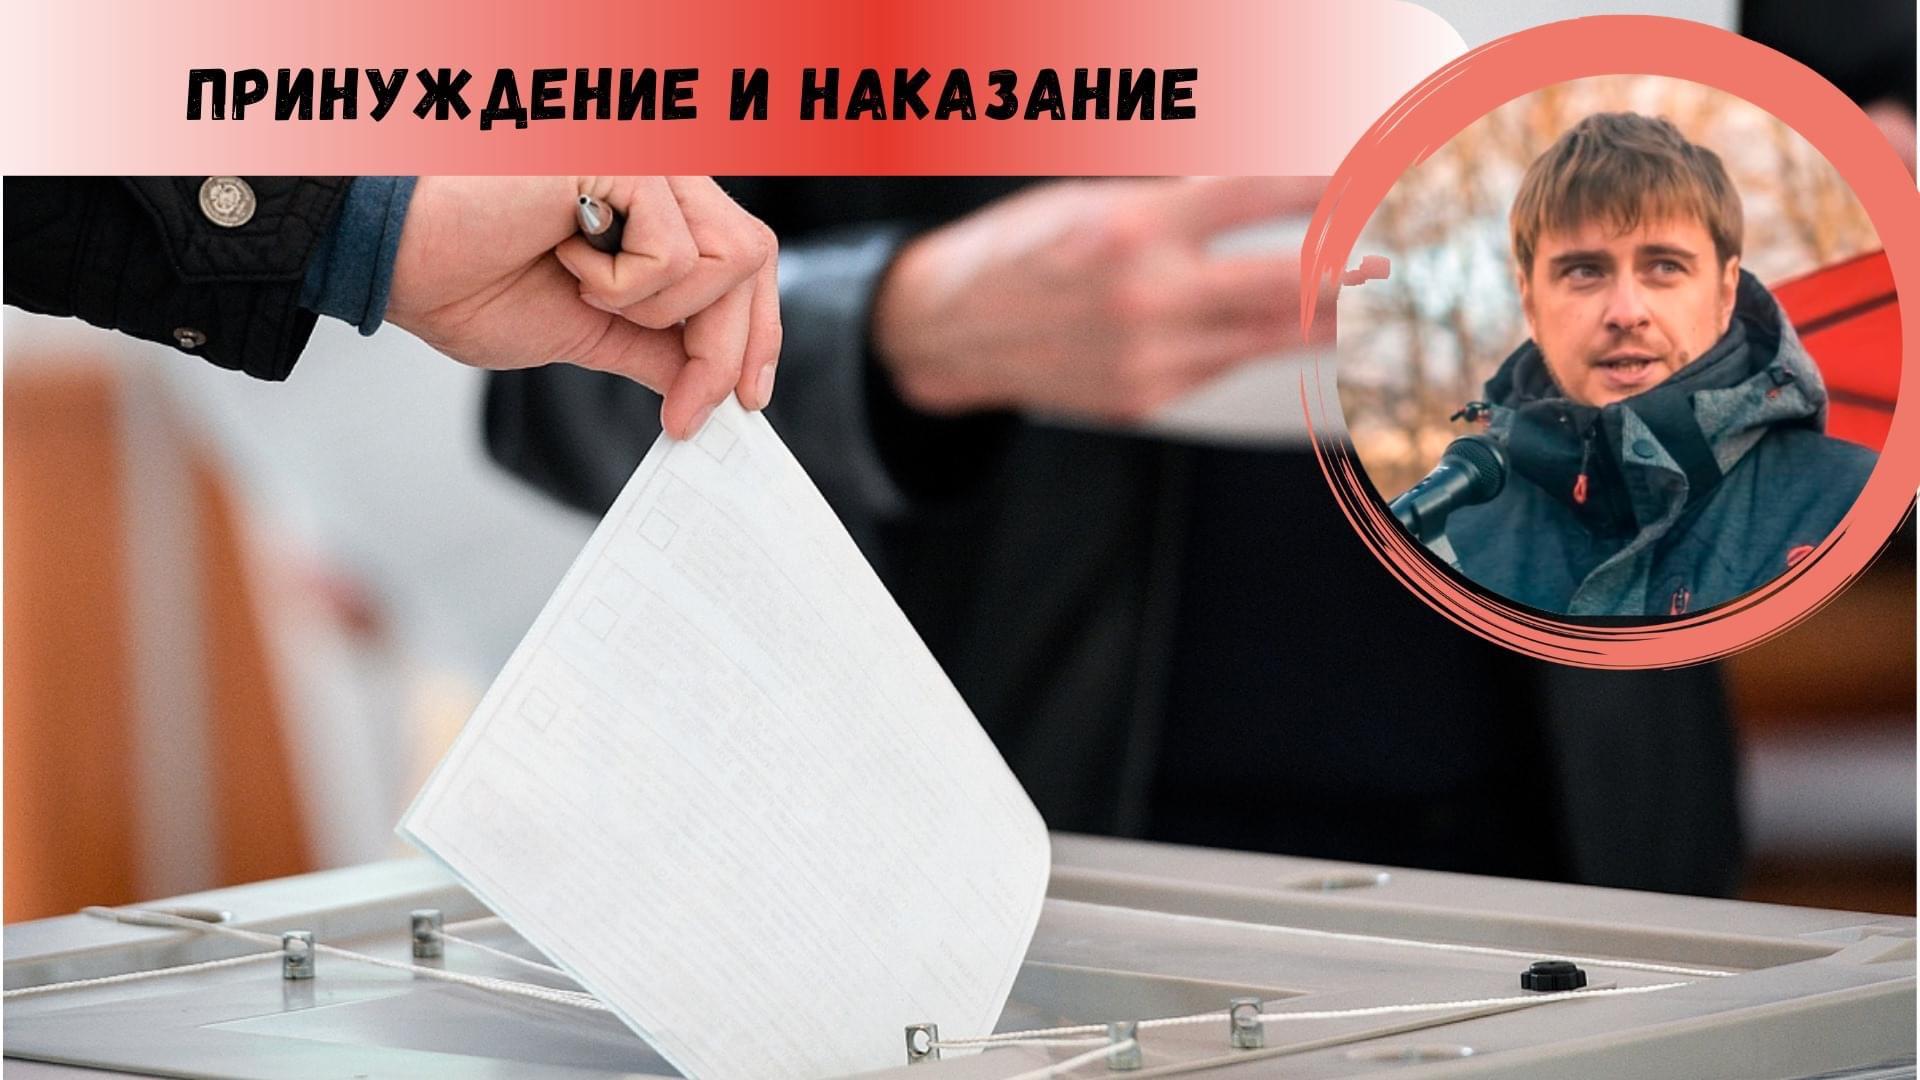 Принуждение и наказание в Рыбинске